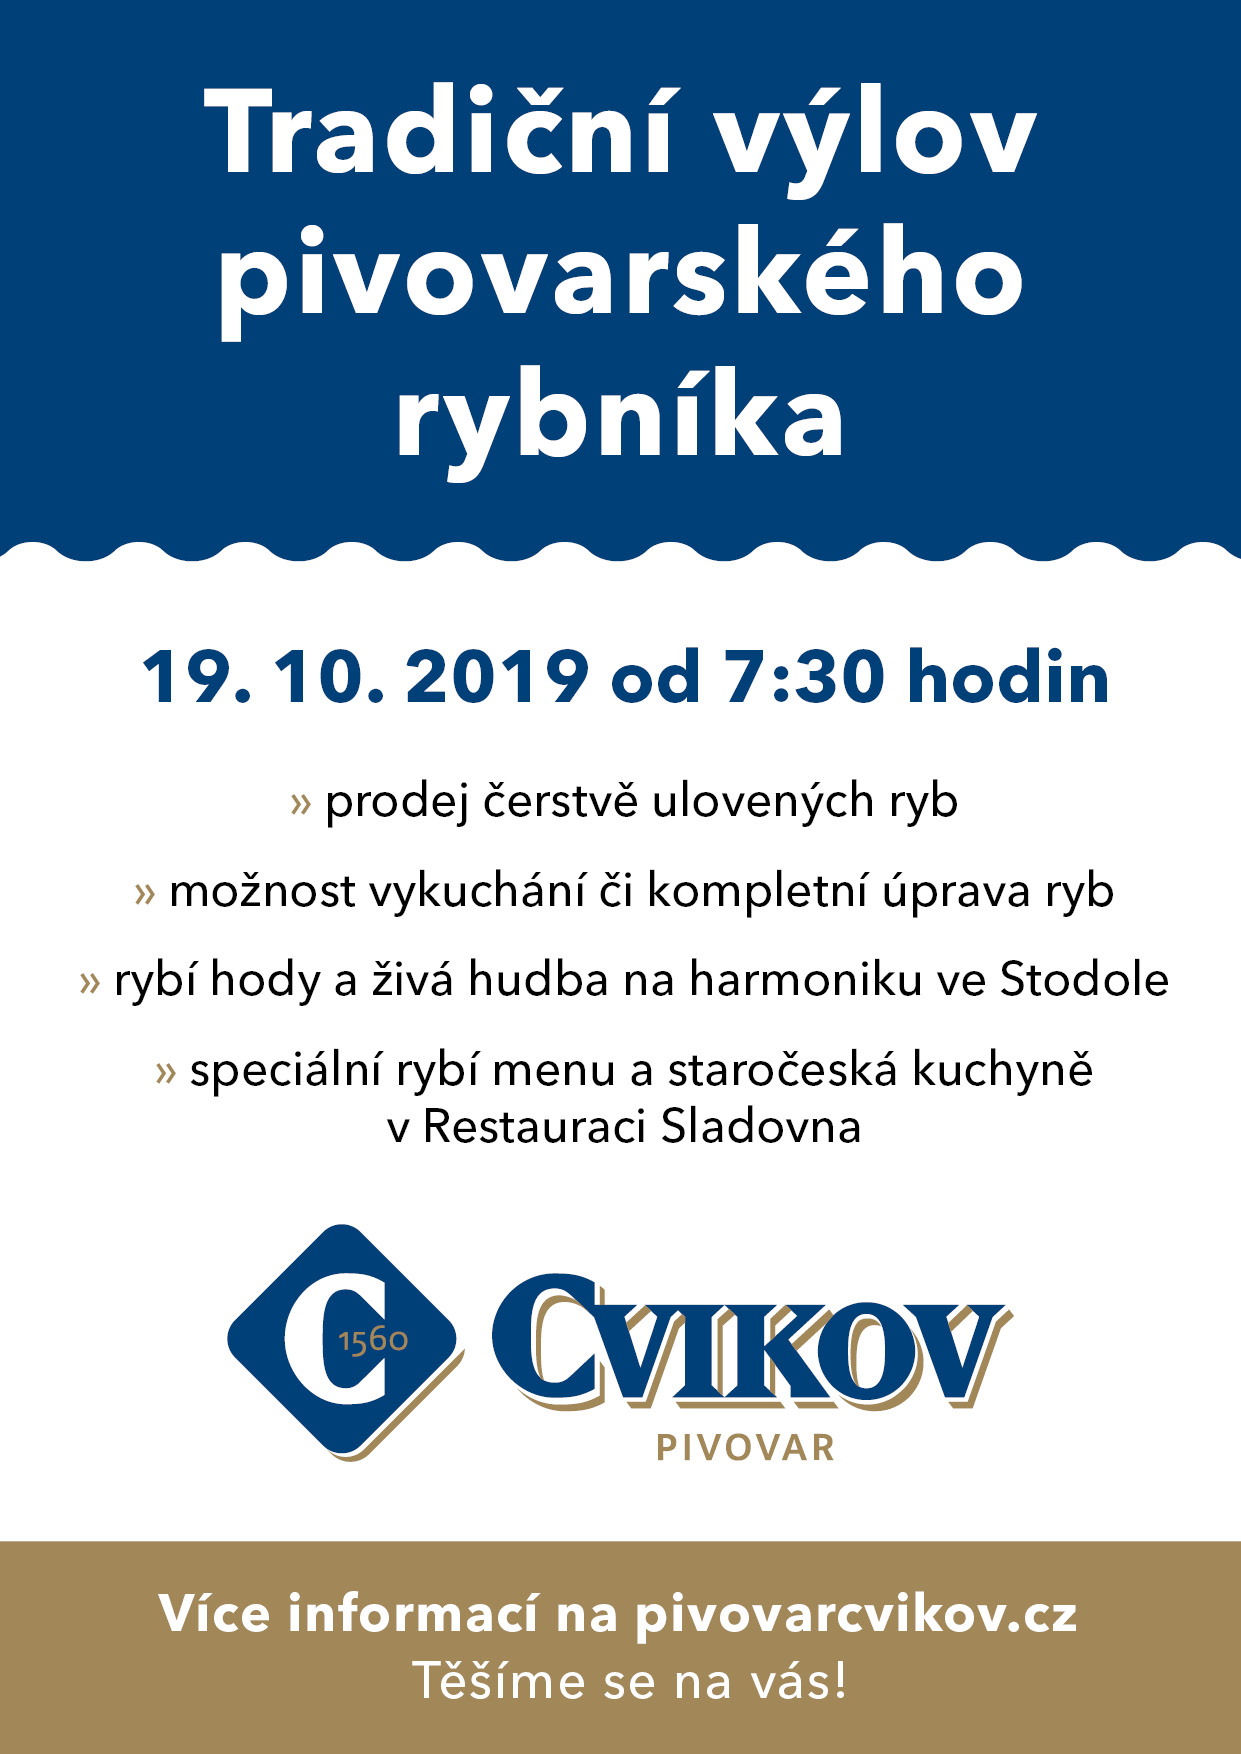 pivovari-pivovary-pivni-akce-vylov-pivovarskeho-rybnika-cvikov-2019